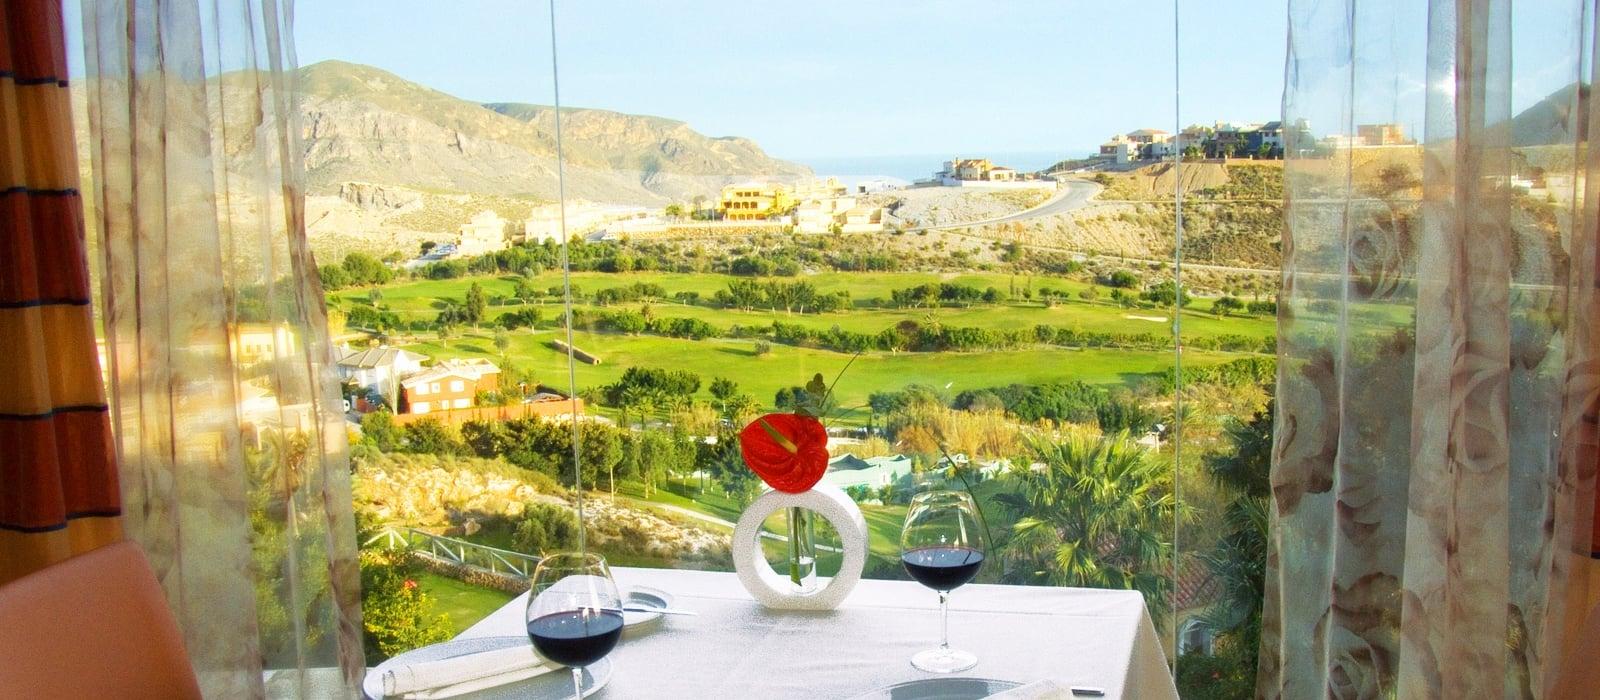 Ristorante El Mirador a la Carte - Vincci Selección Envía Almería Wellness & Golf